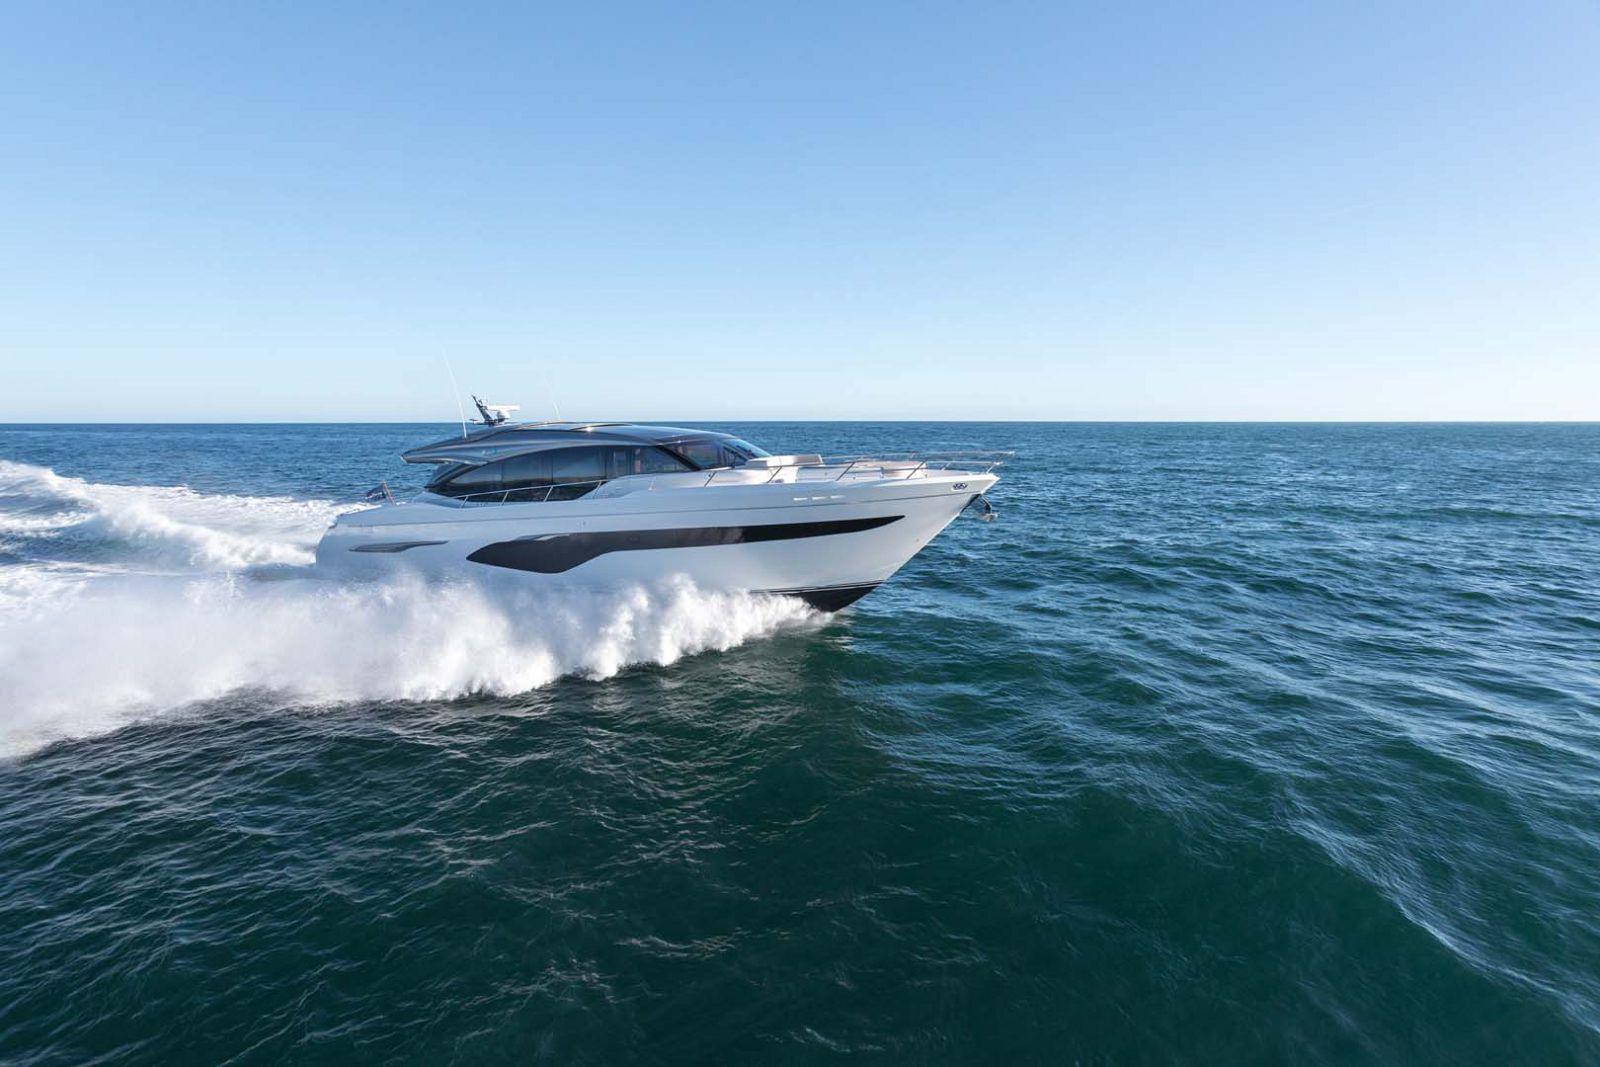 Princess V78 Yacht running